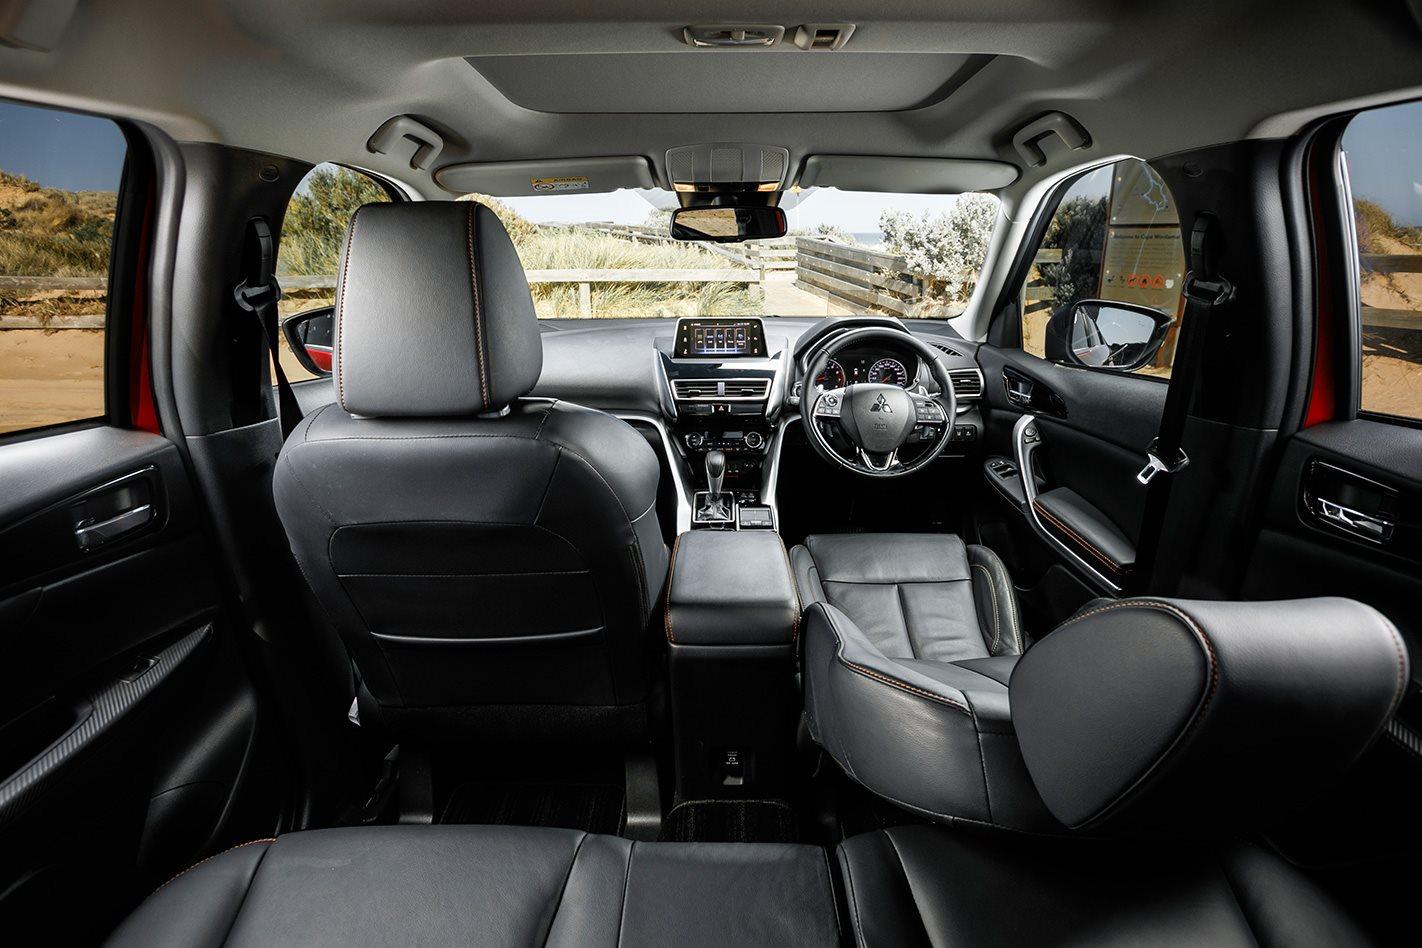 Skoda Karoq v Mitsubishi Eclipse Cross comparison review